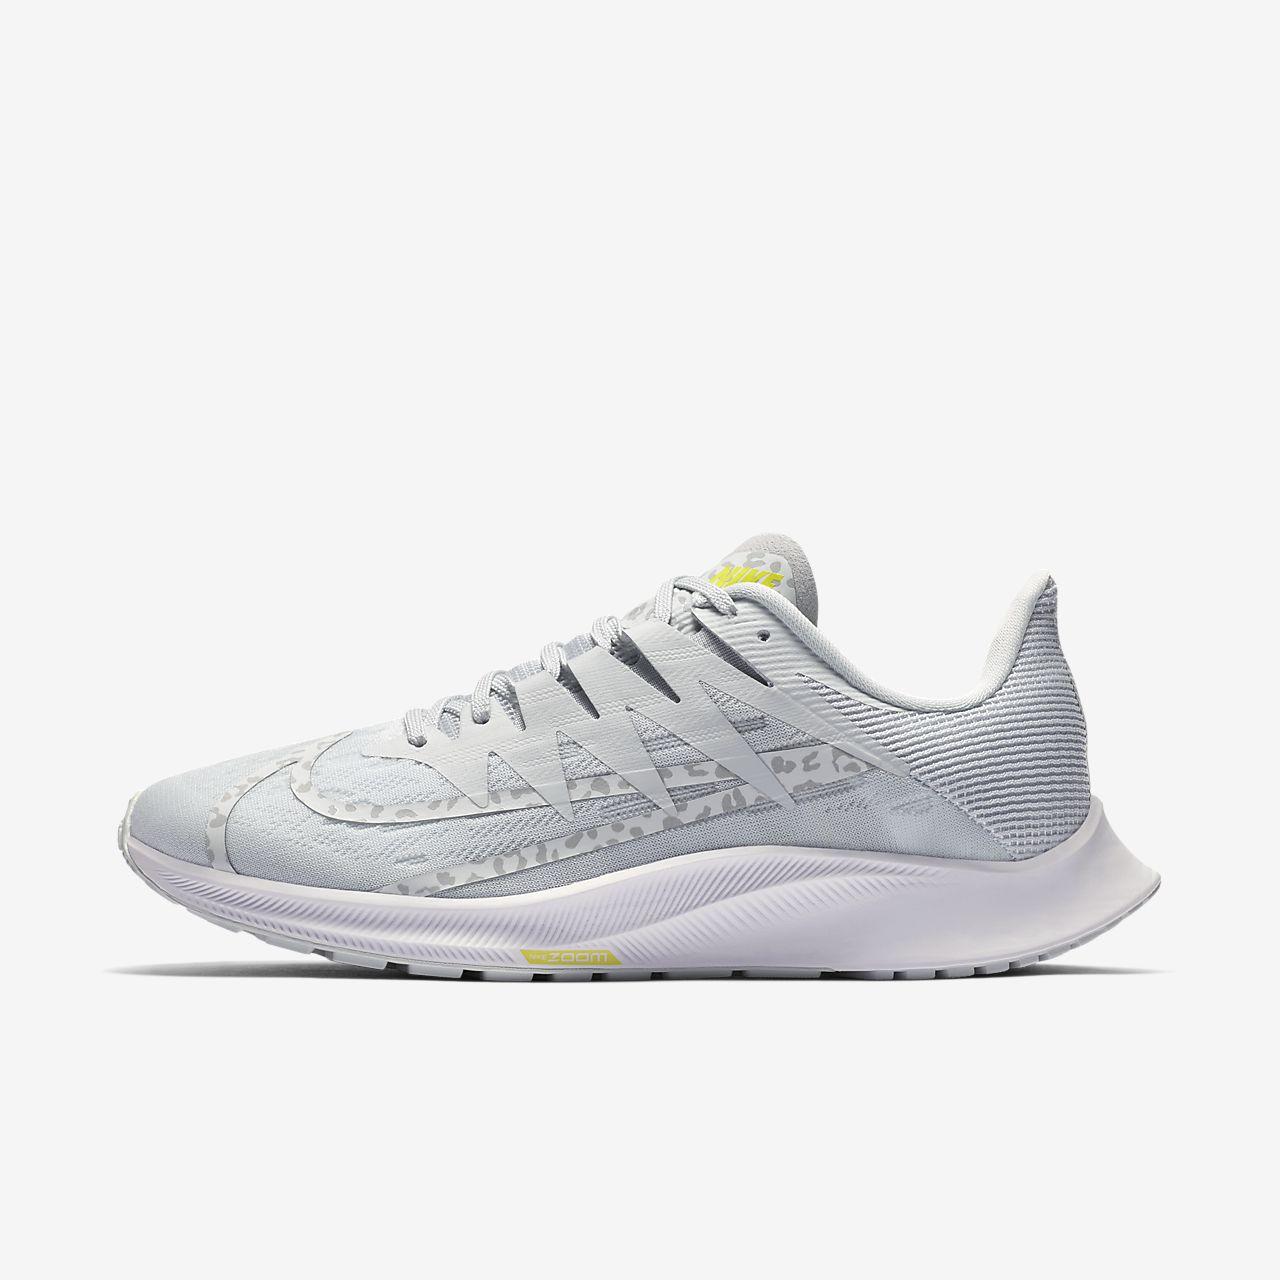 Nike Zoom Rival Fly Hardloopschoen voor dames